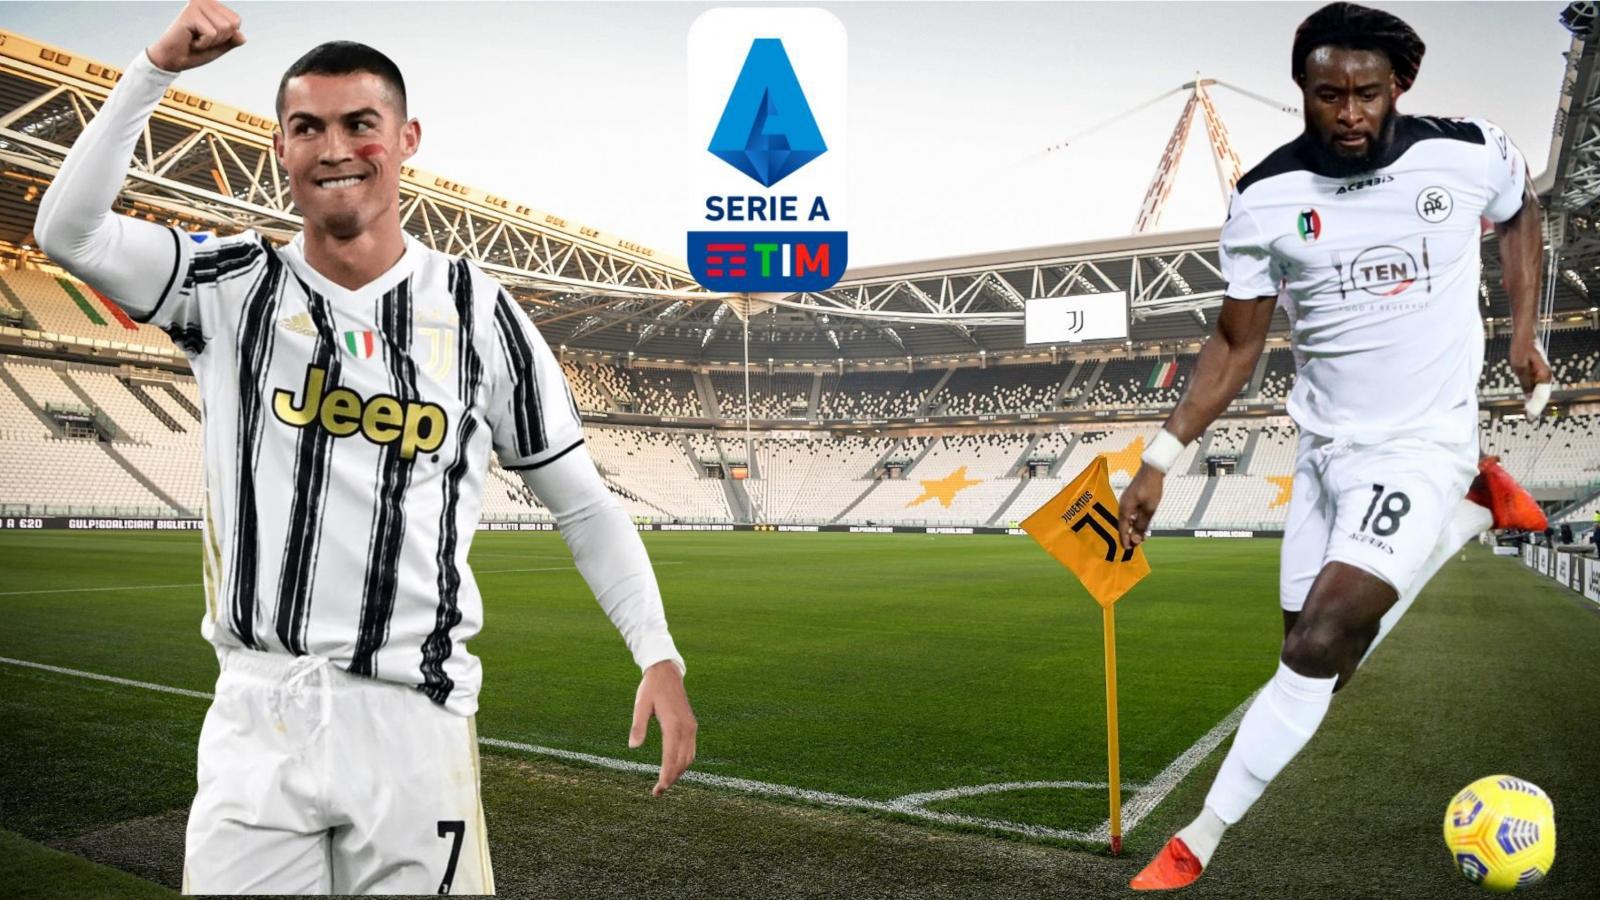 Dự đoán kết quả, đội hình xuất phát trận Juventus - Spezia